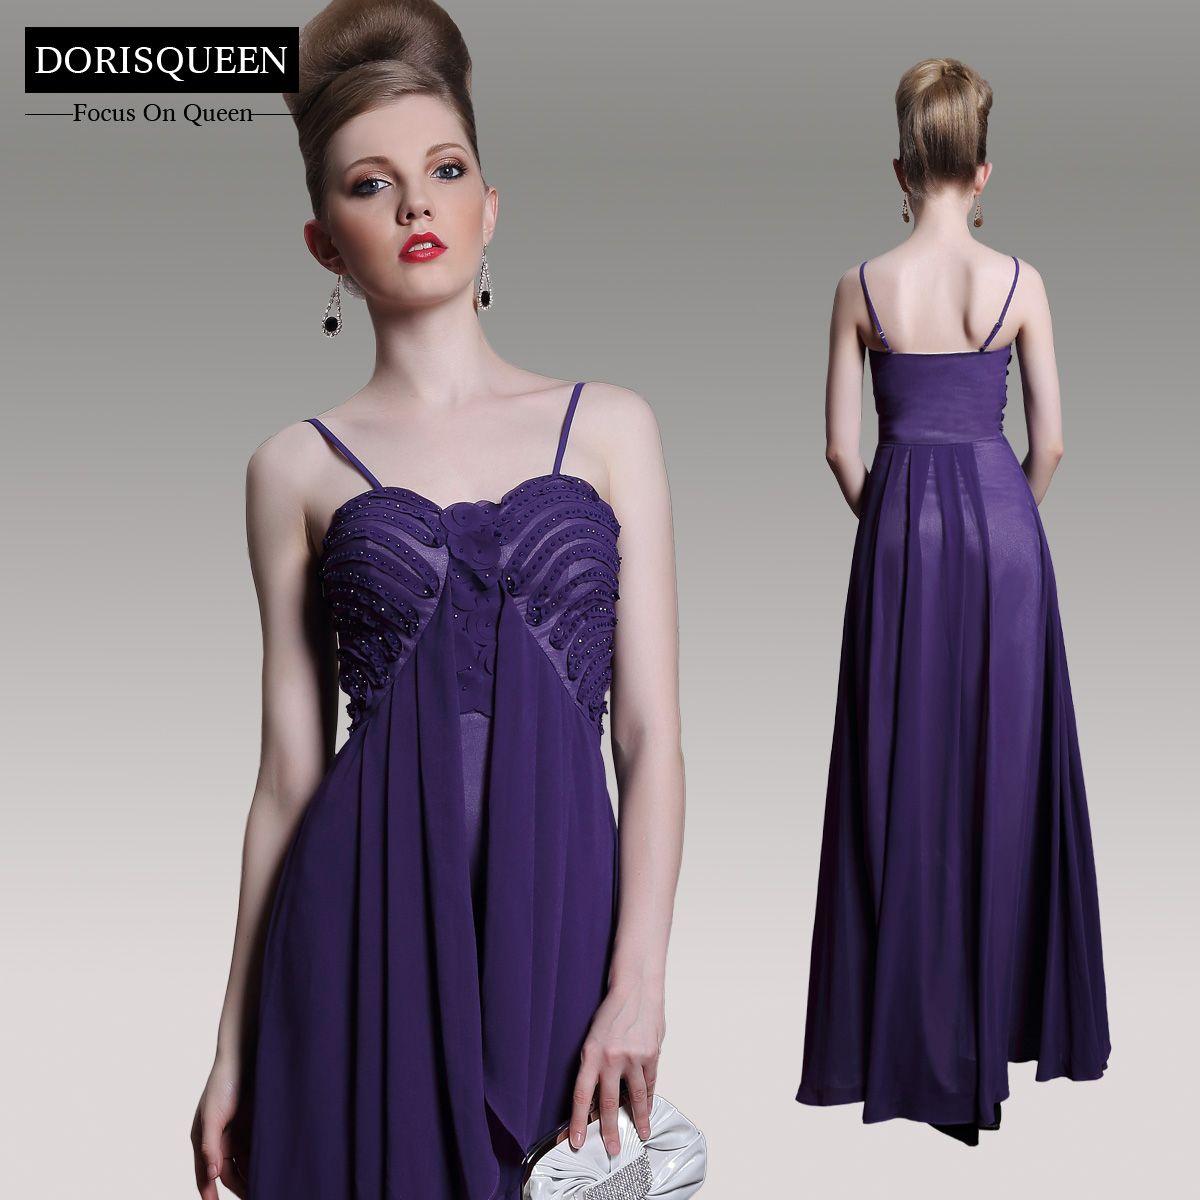 Dorisqueen spaghetti straps empire simple purple evening dresses